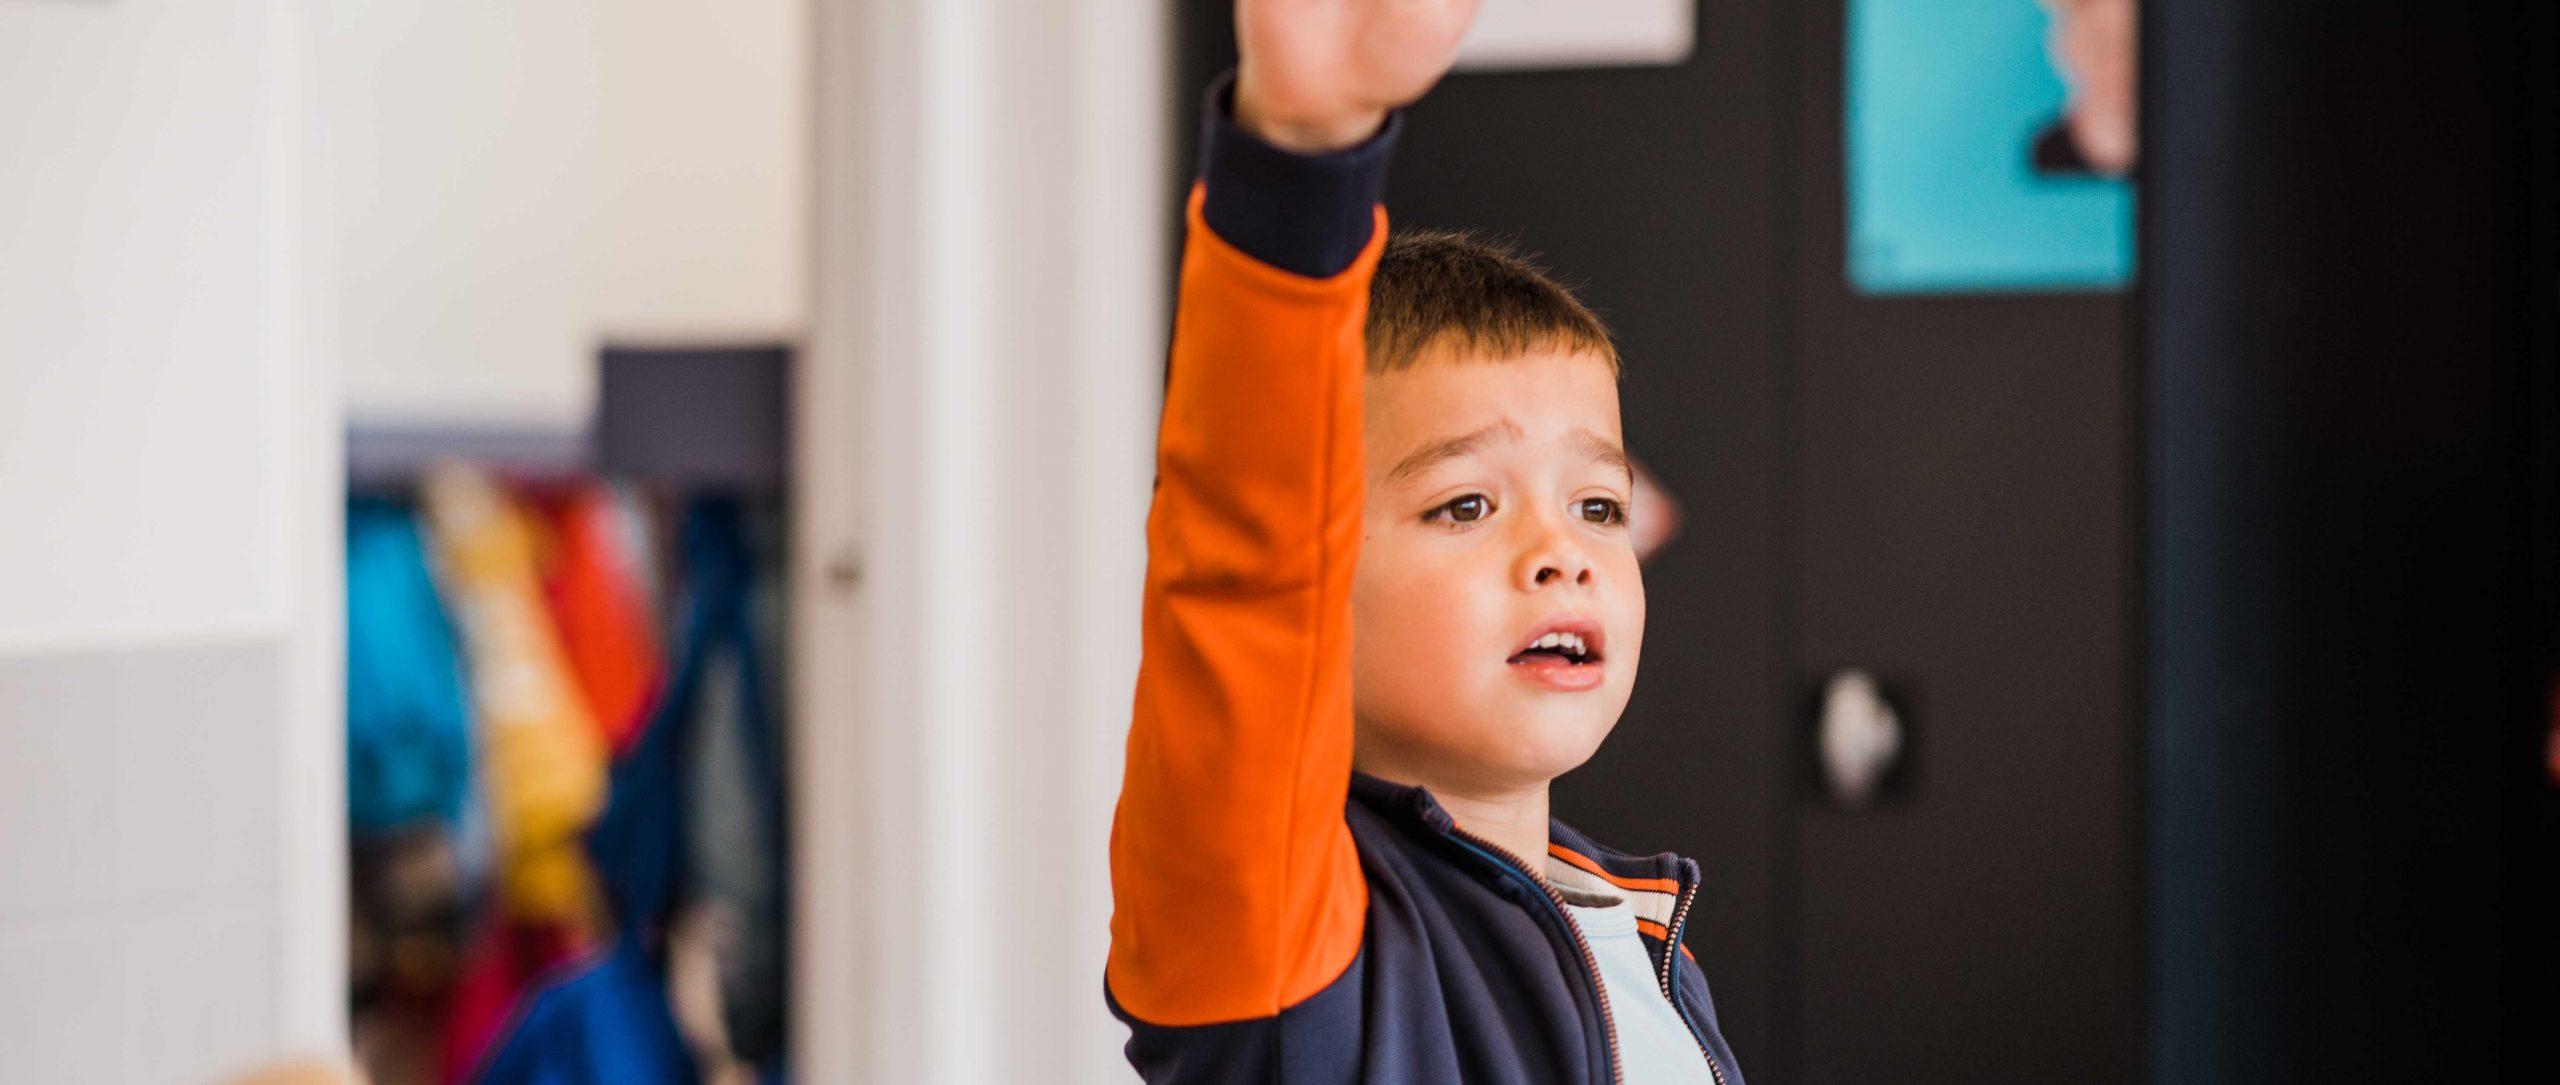 schoolkind steekt hand op